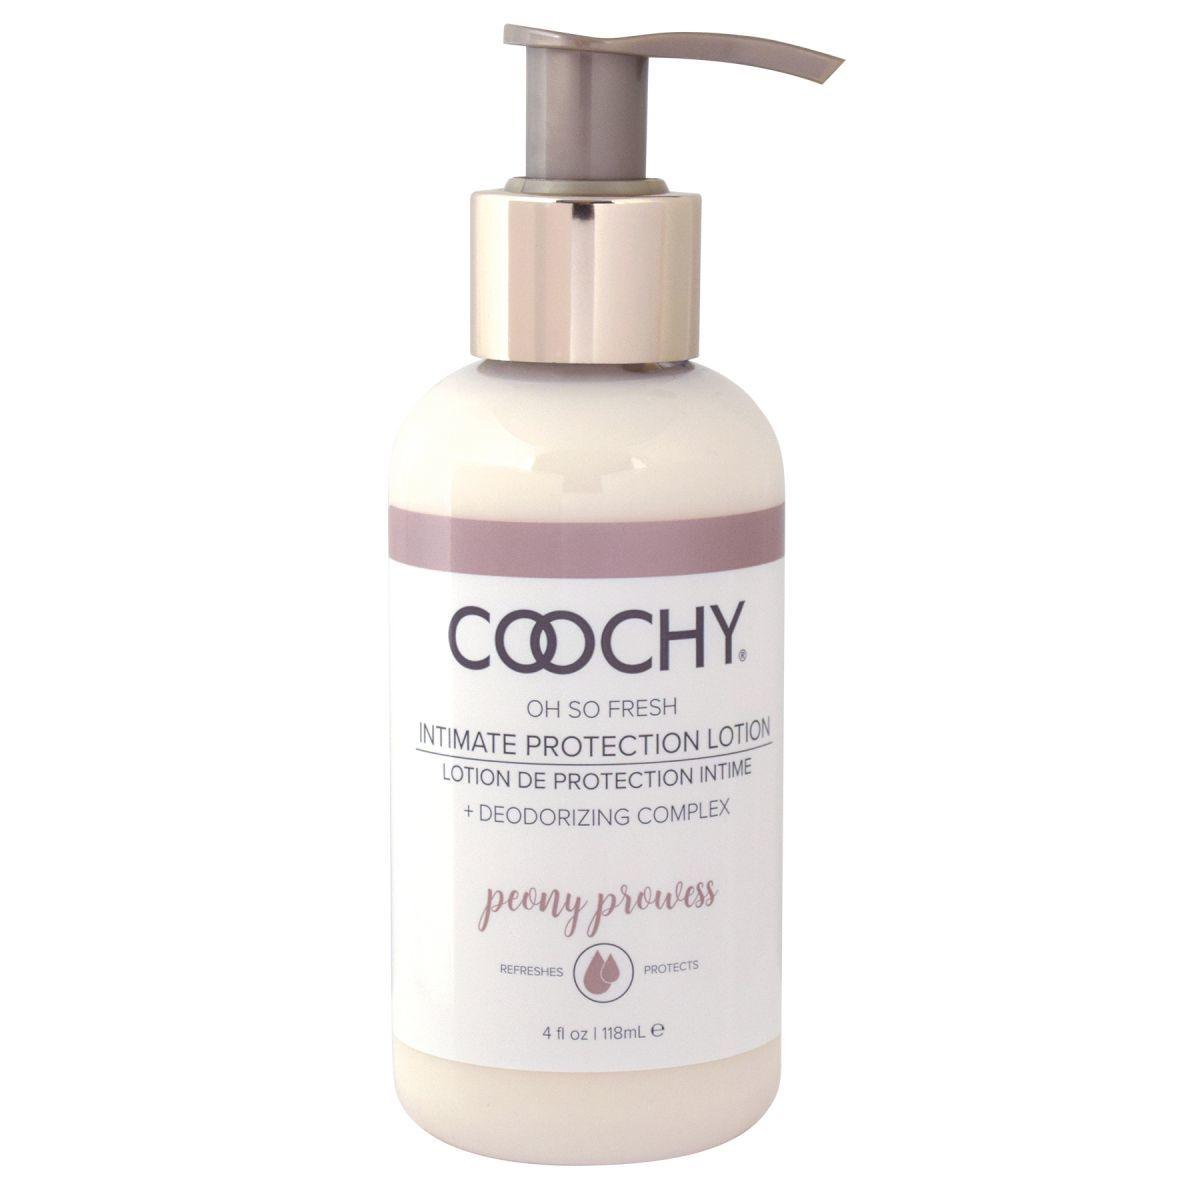 Средства по уходу за телом, косметика: Защищающий лосьон с эффектом пудры COOCHY Peony Prowess - 118 мл.